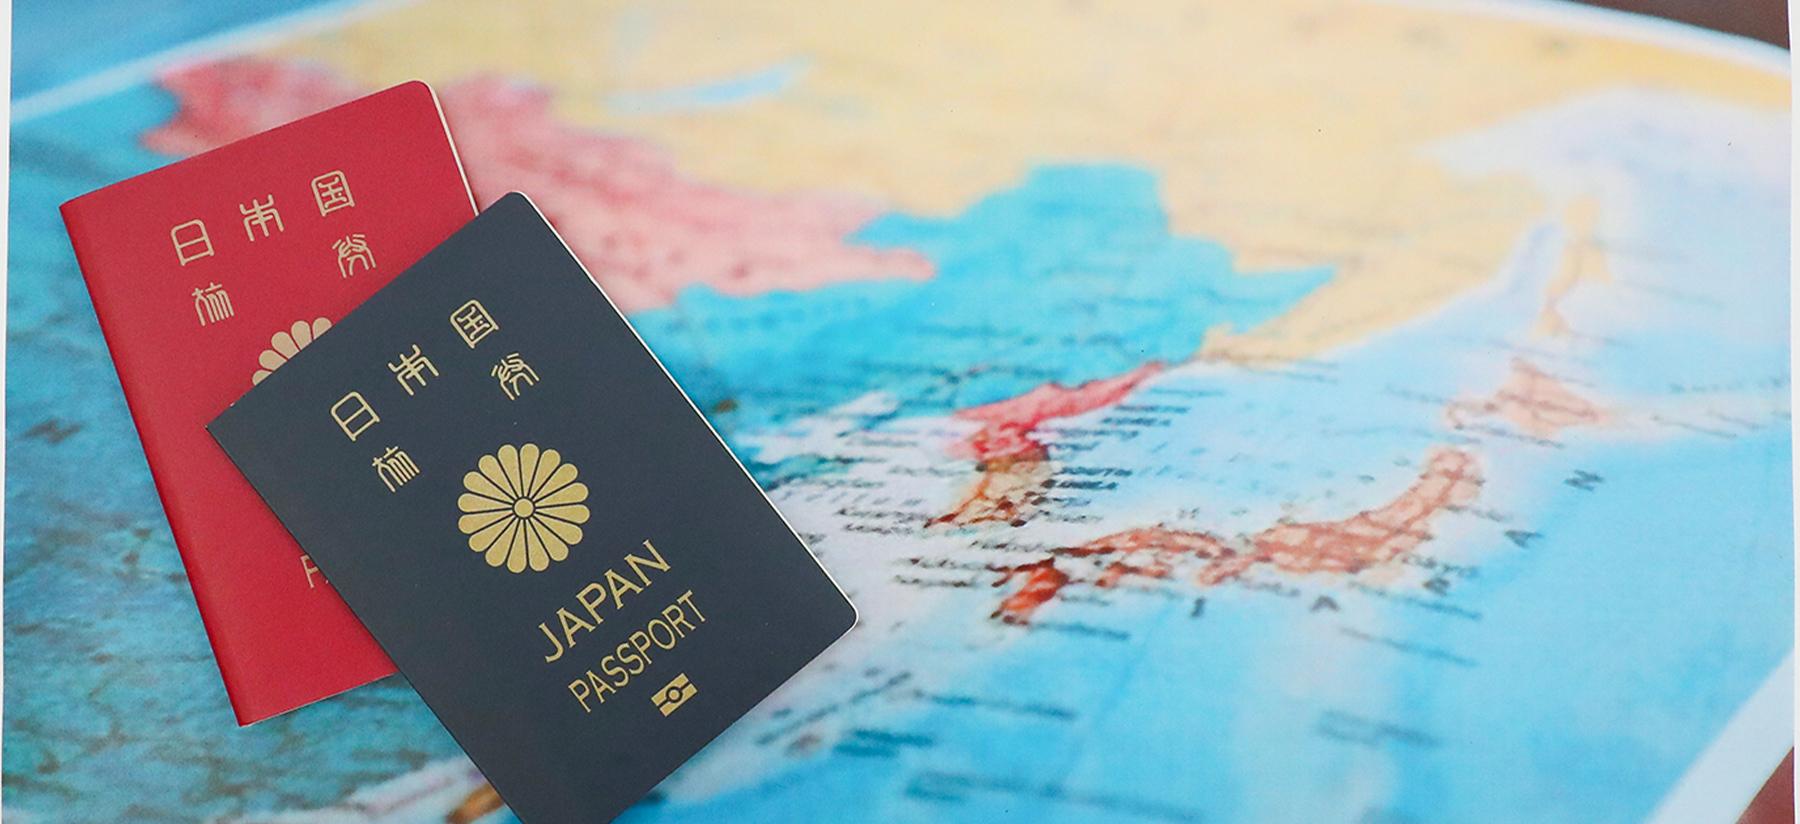 パスポート写真・各種証明写真 旅券事務所へのアクセスは抜群